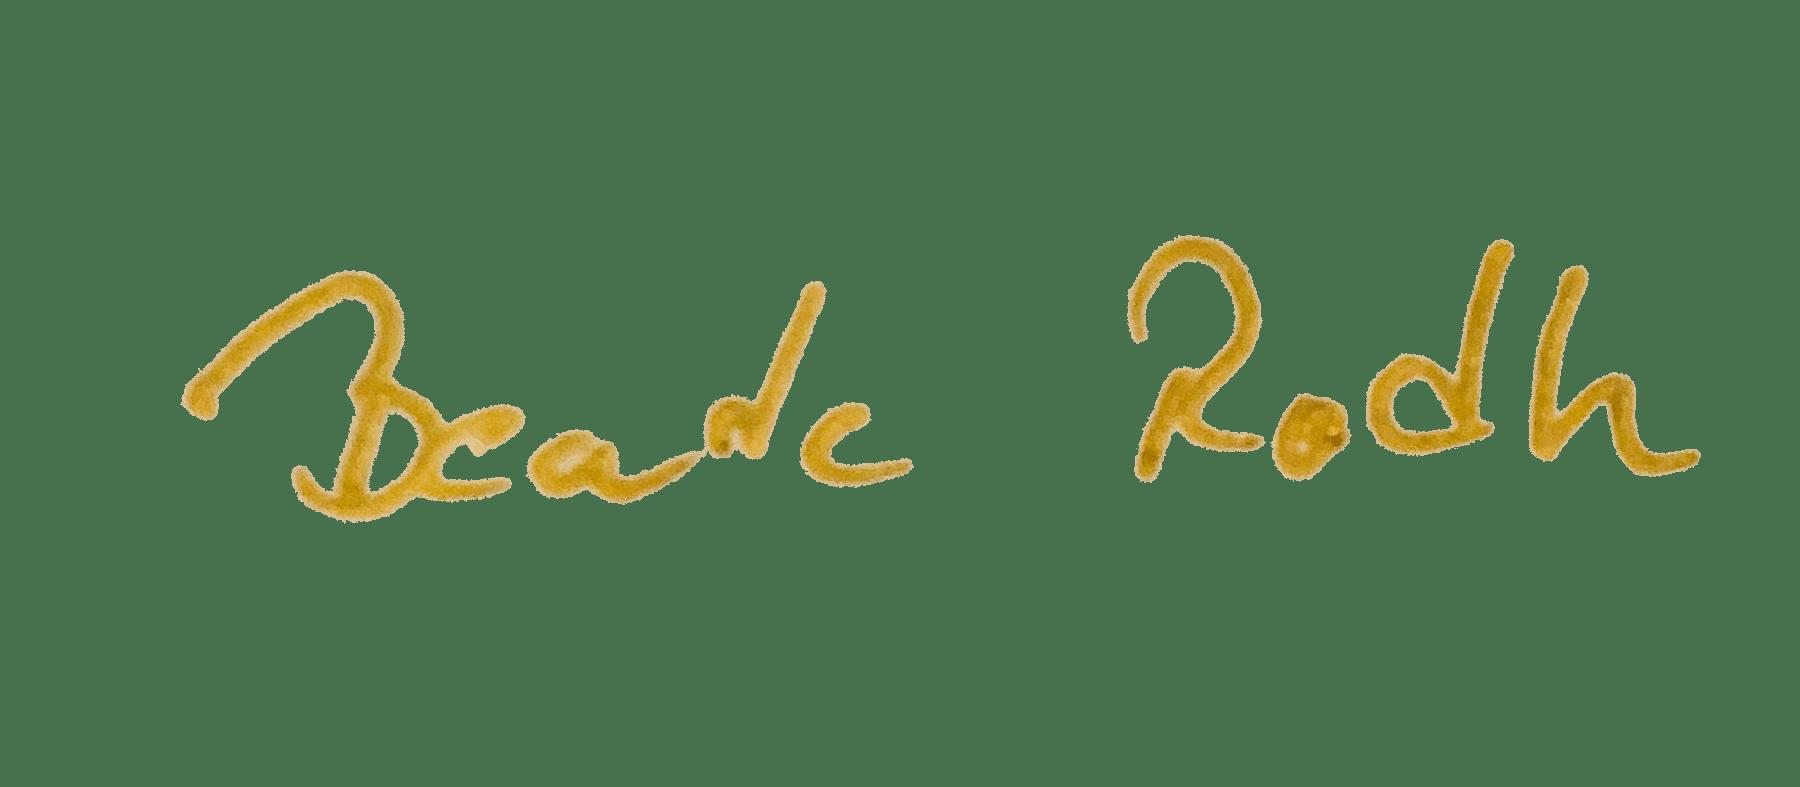 Beate-Roth-Unterschrift_gold